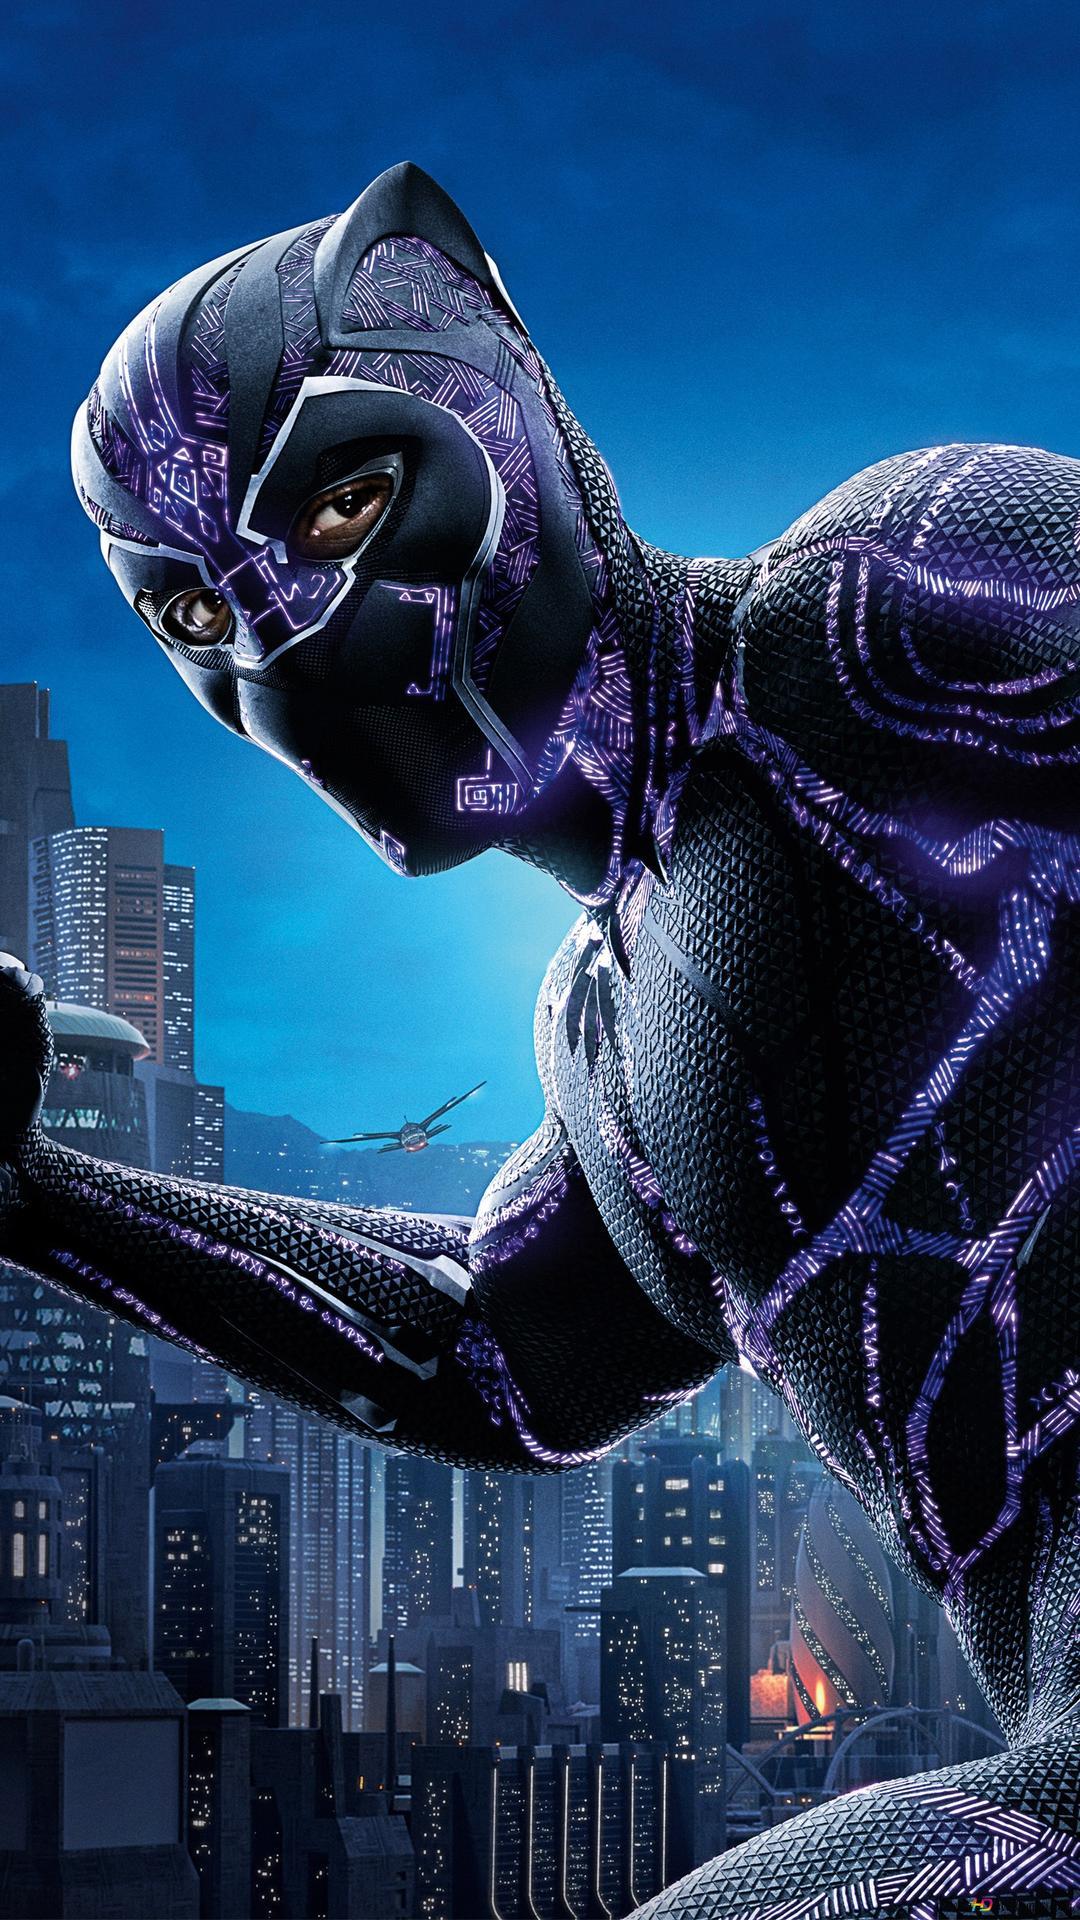 Black Panther Chadwick Boseman Hd Wallpaper Download